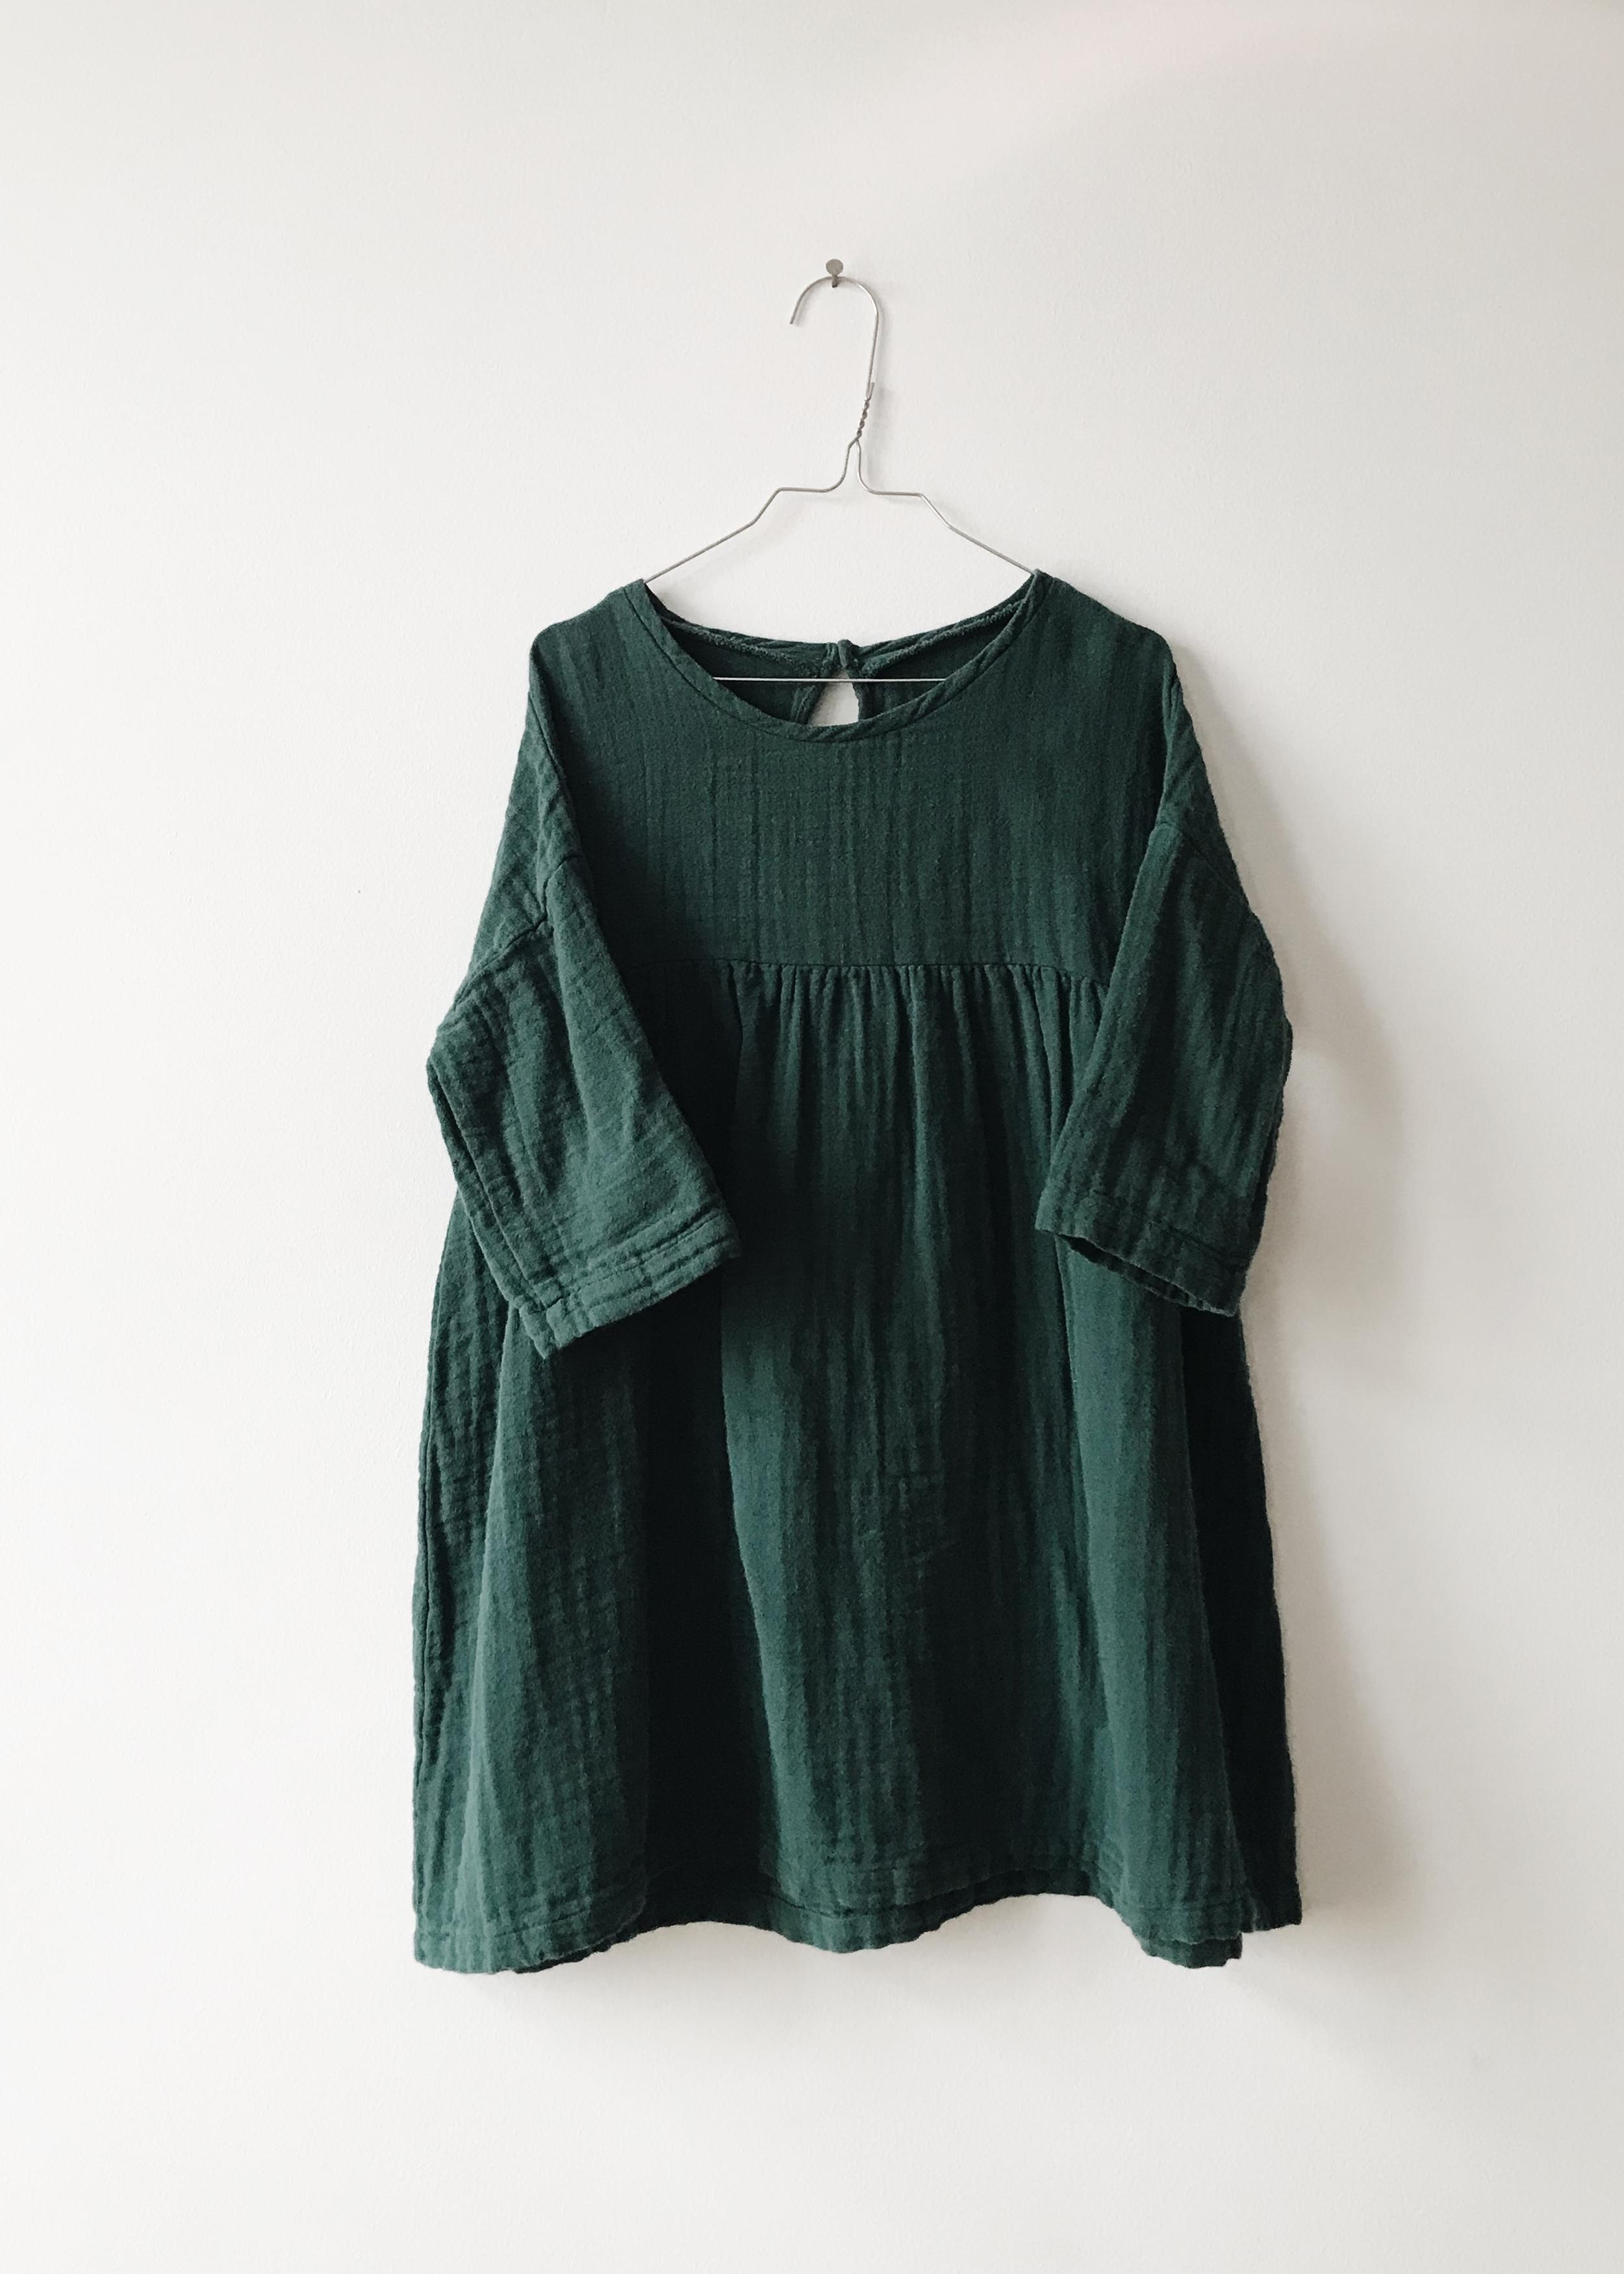 MONKIND Moss Twirl dress